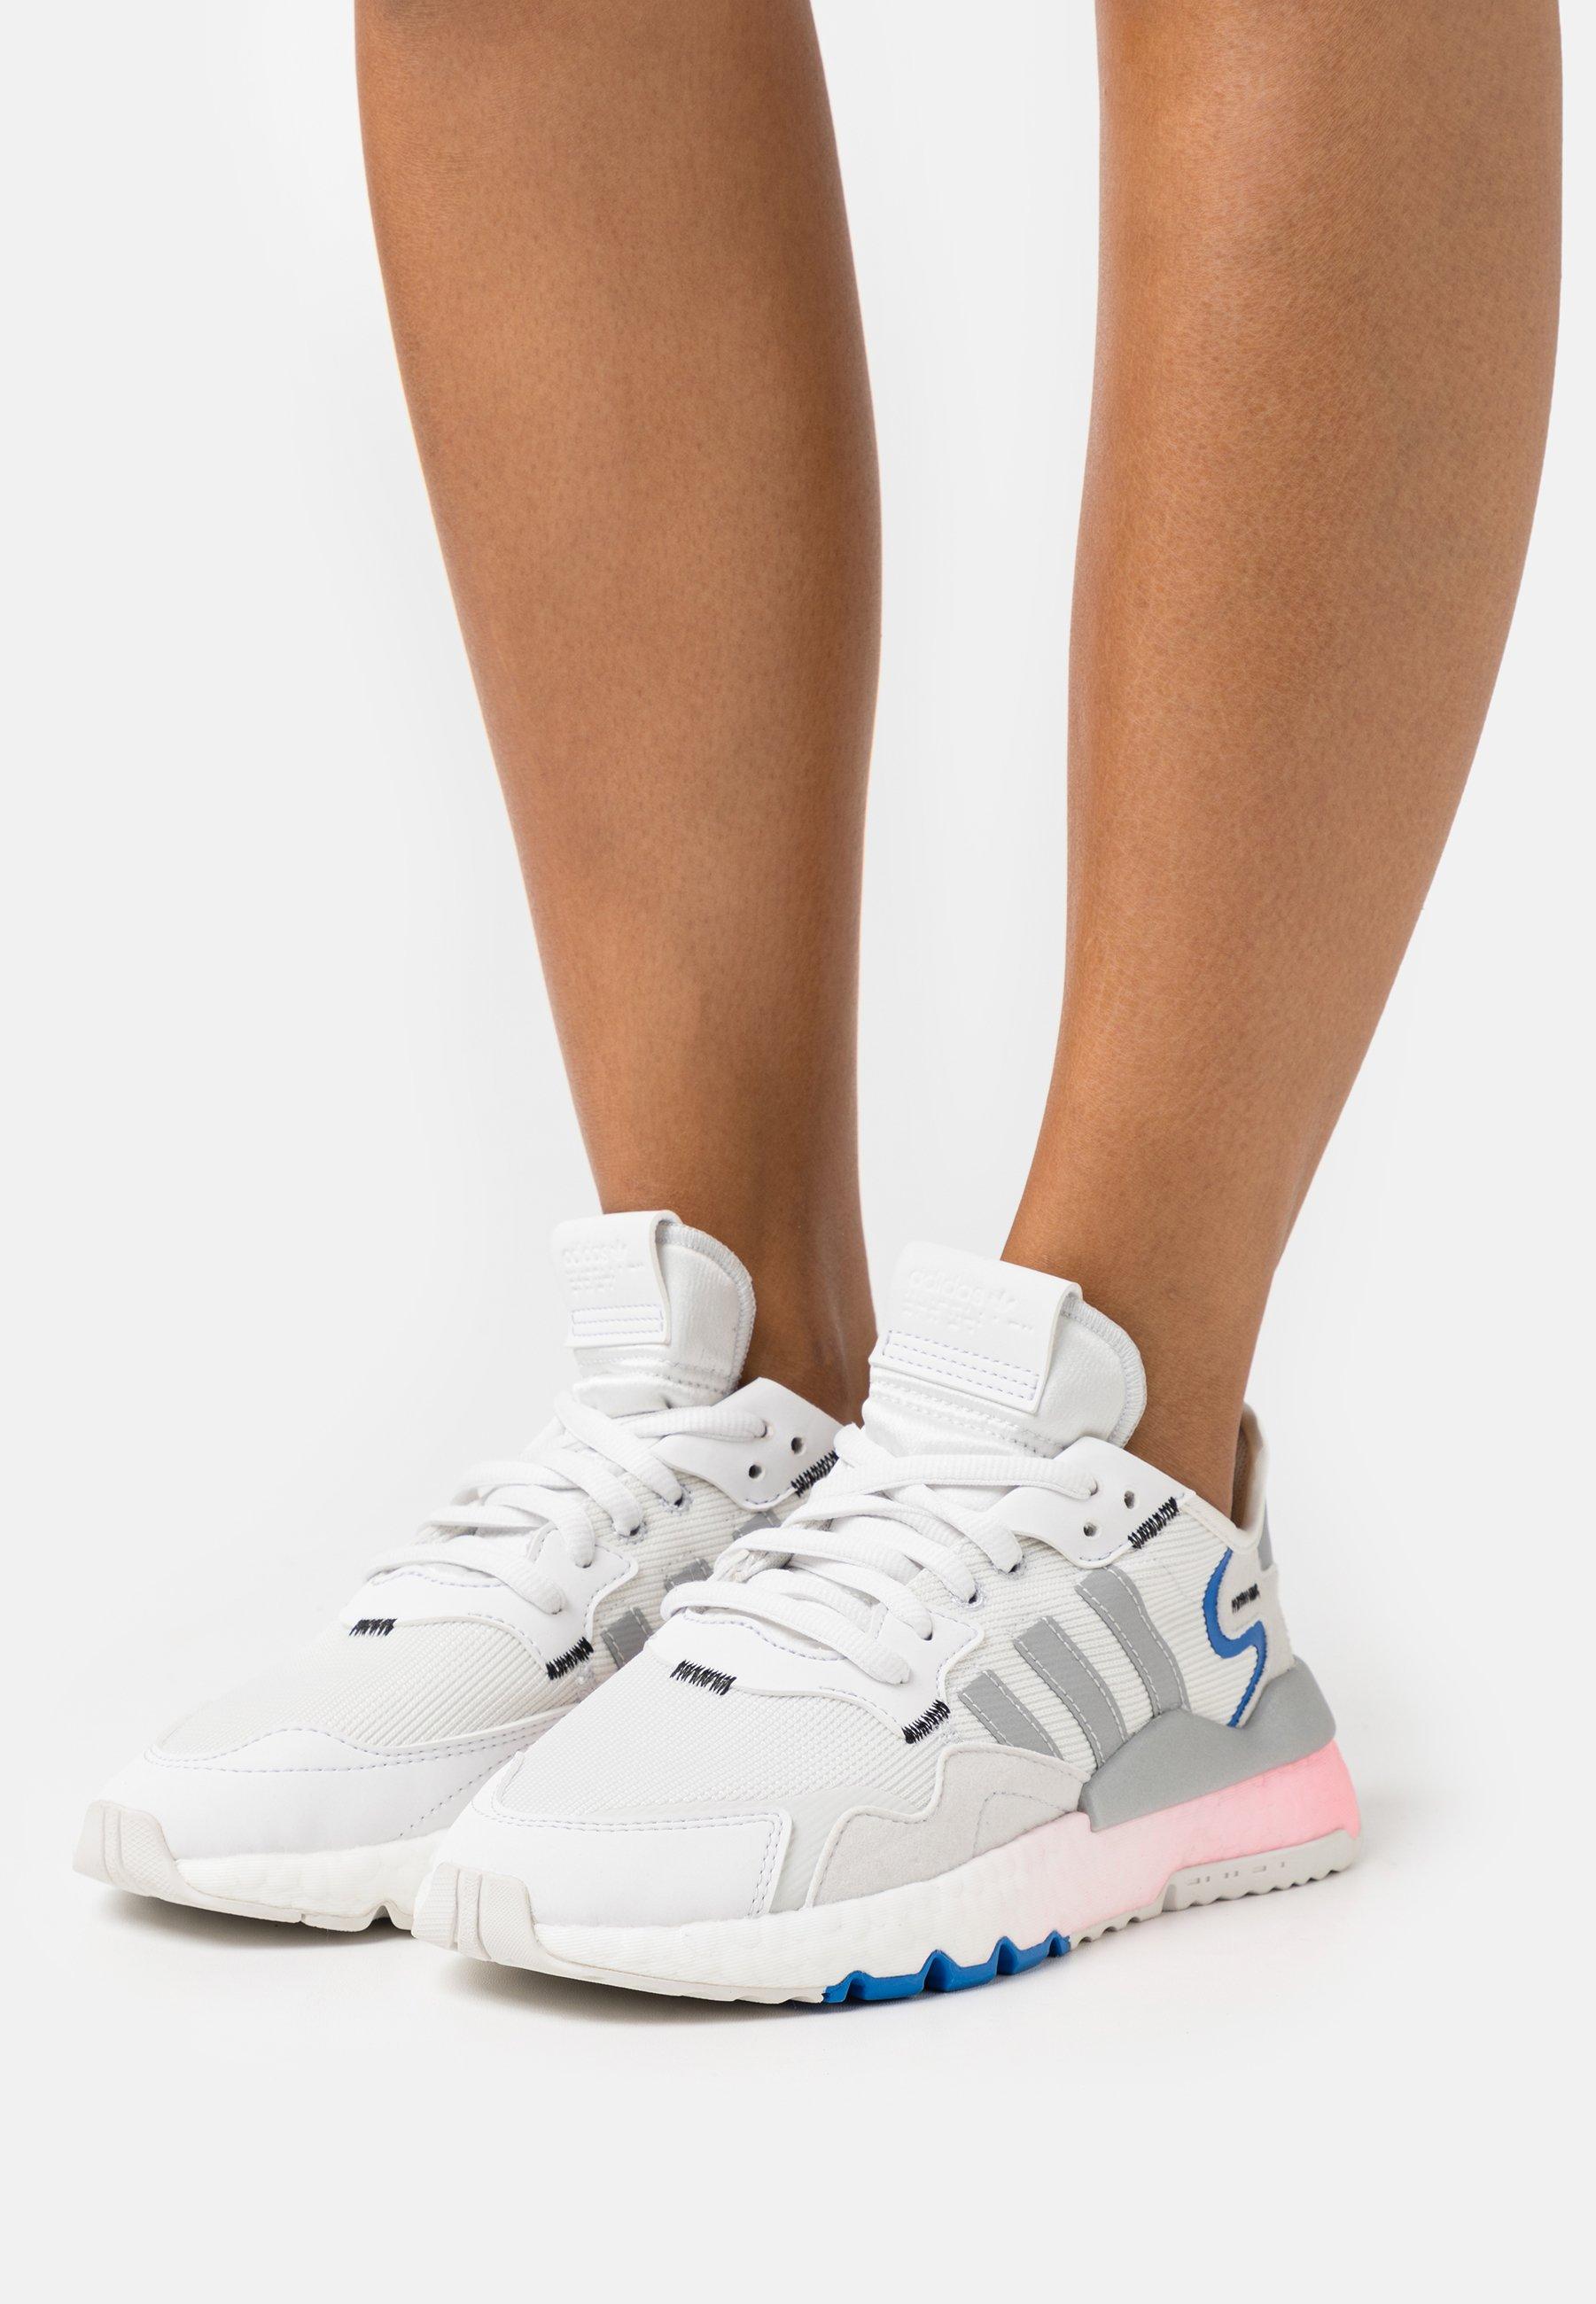 compañerismo condado Parecer  adidas Originals NITE JOGGER - Trainers - crystal white/silver  metallic/glory blue/white - Zalando.co.uk